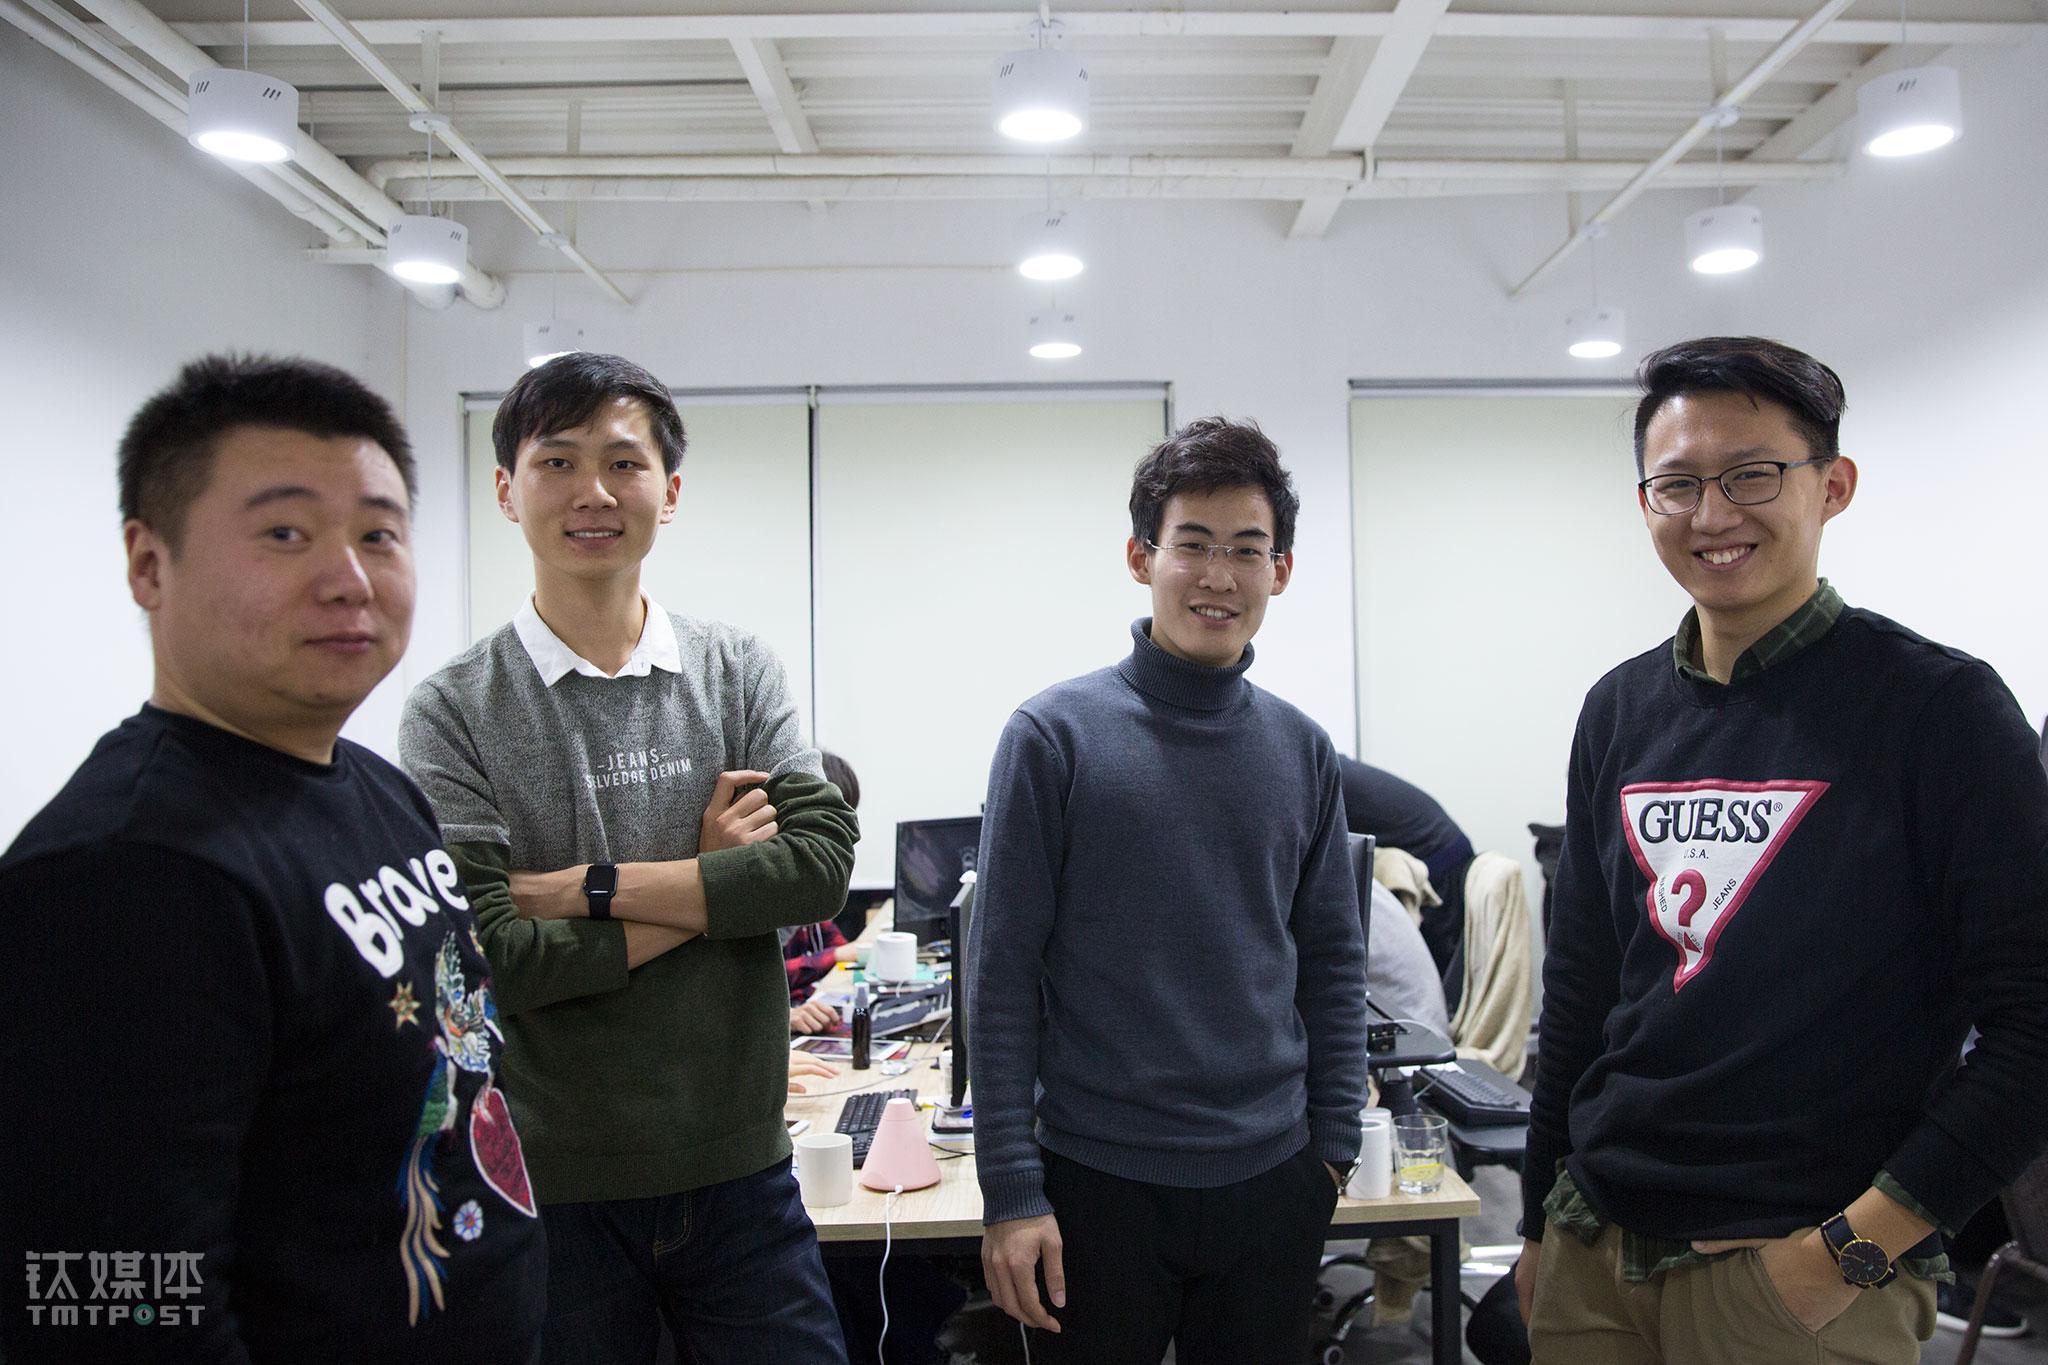 """2017年12月26日,北京,创客贴4名创始成员在办公室。2年时间,这个团队从14人扩充到30人,大家的信任度和默契度也提高了。创客贴一个2C的服务平台,变成了一个中小微企业创意设计服务平台,打通了设计师、版权方等,还接入了下游的印刷。""""我们发现企业对设计越来越注重,不论是社交媒体,还是小程序、内容电商的兴起,都刺激了企业对设计的需求,而对小企业来说,雇佣专业设计师成本太高,我们的平台可以满足他们一键视觉化的需求,我们可以赋能于这些企业的设计运营人员。"""""""